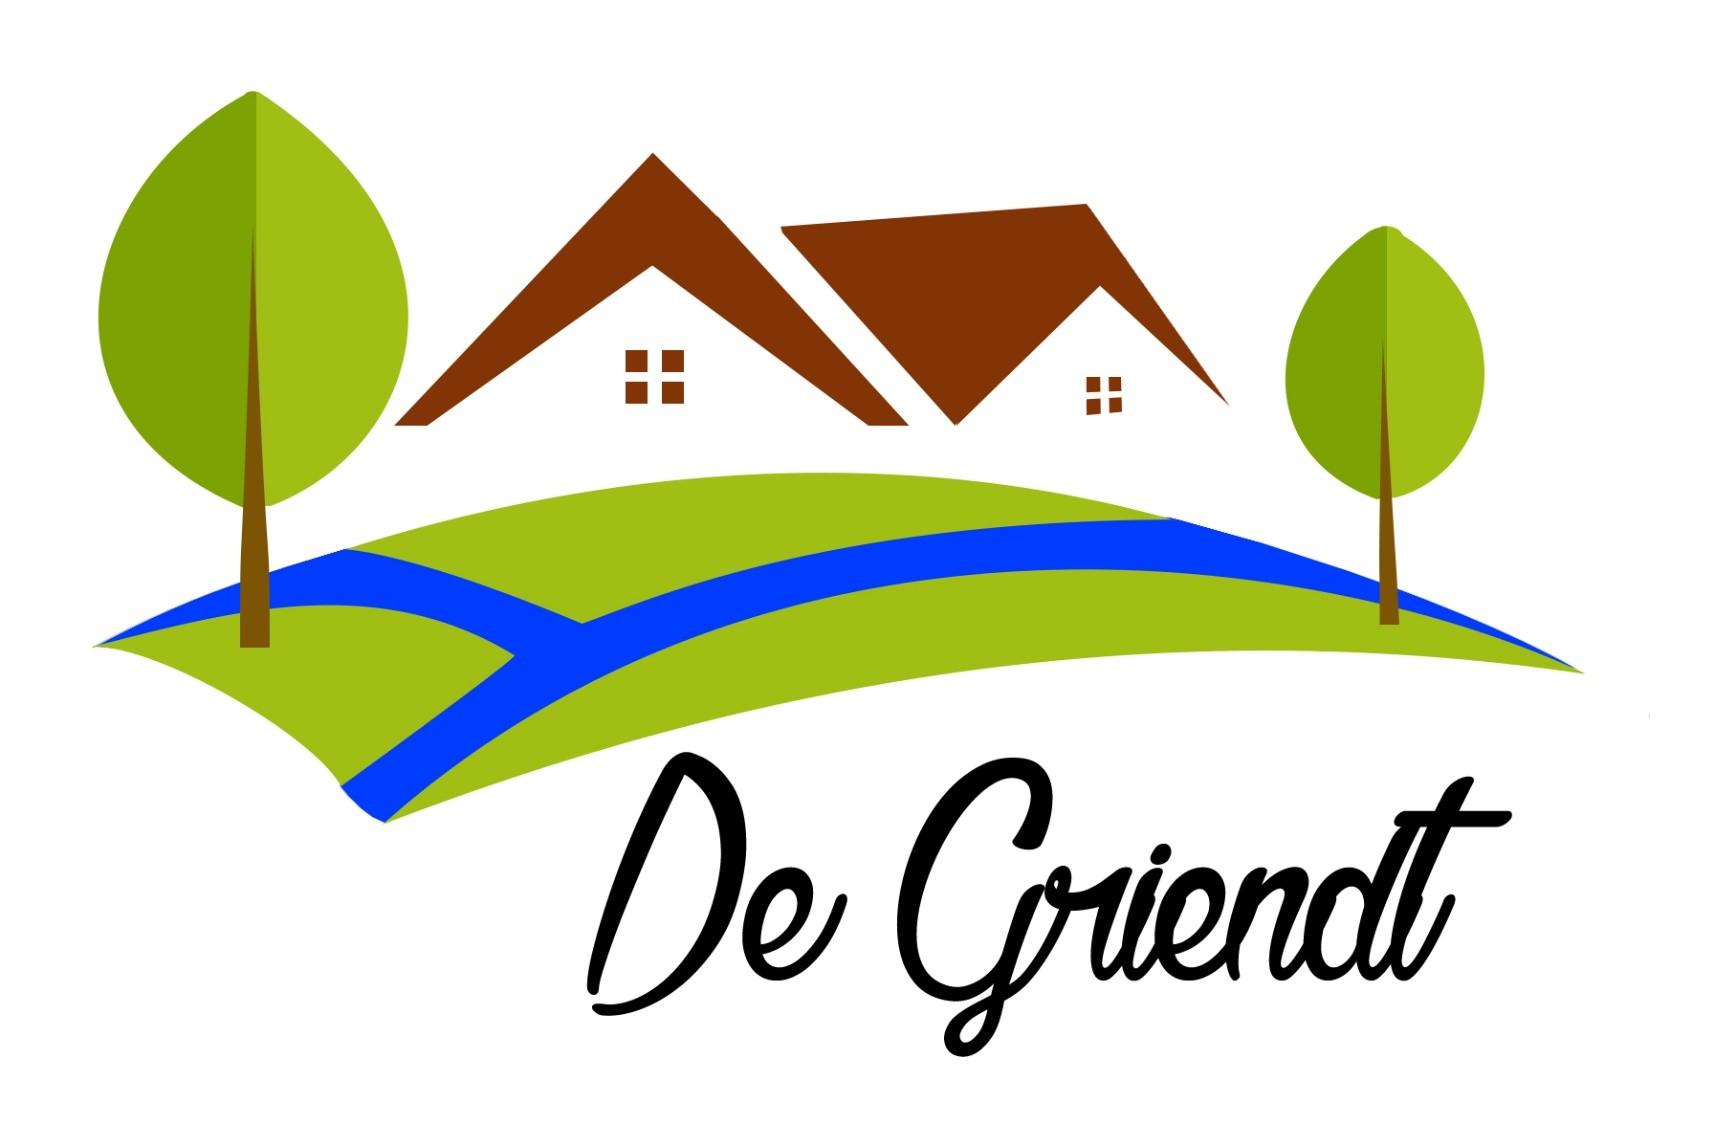 Degriendt.nl